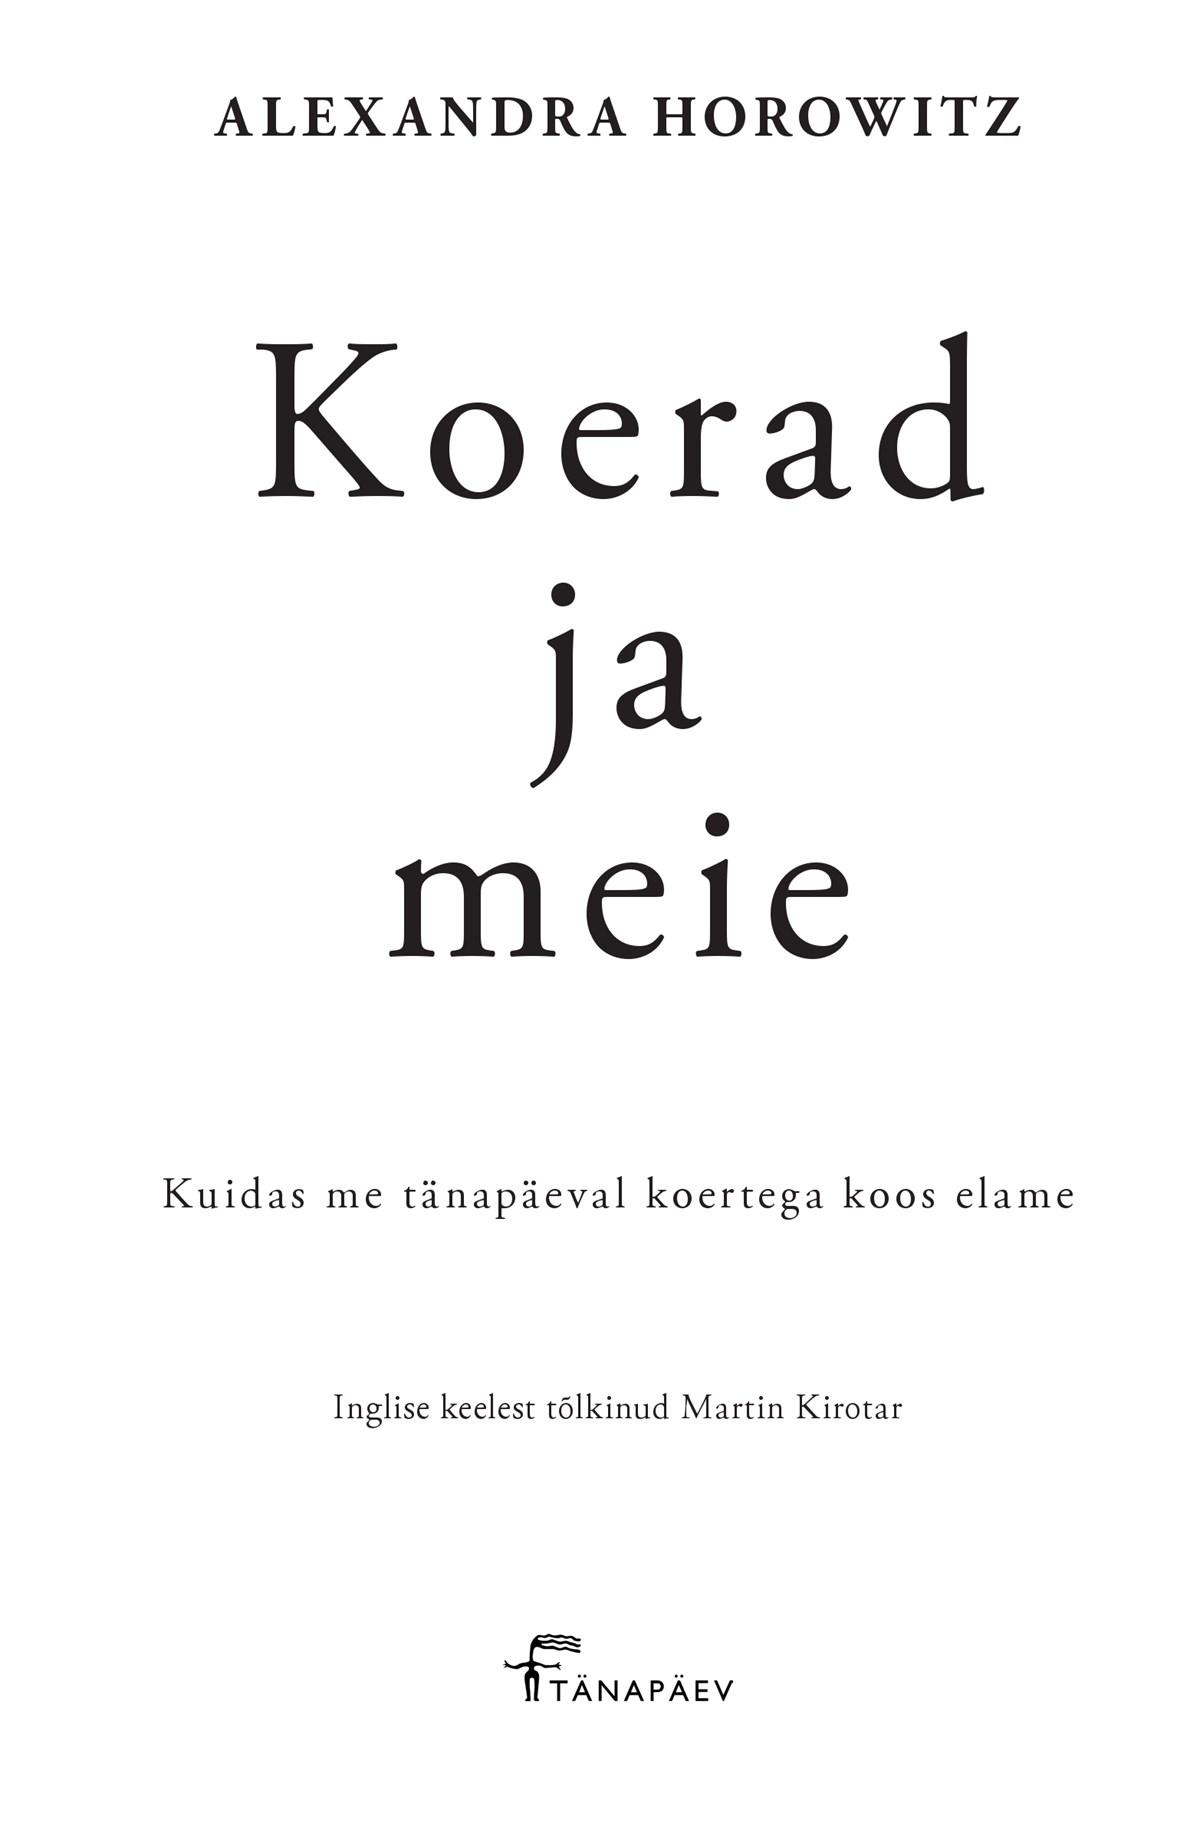 Купить книгу Koerad ja meie, автора Alexandra Horowitz